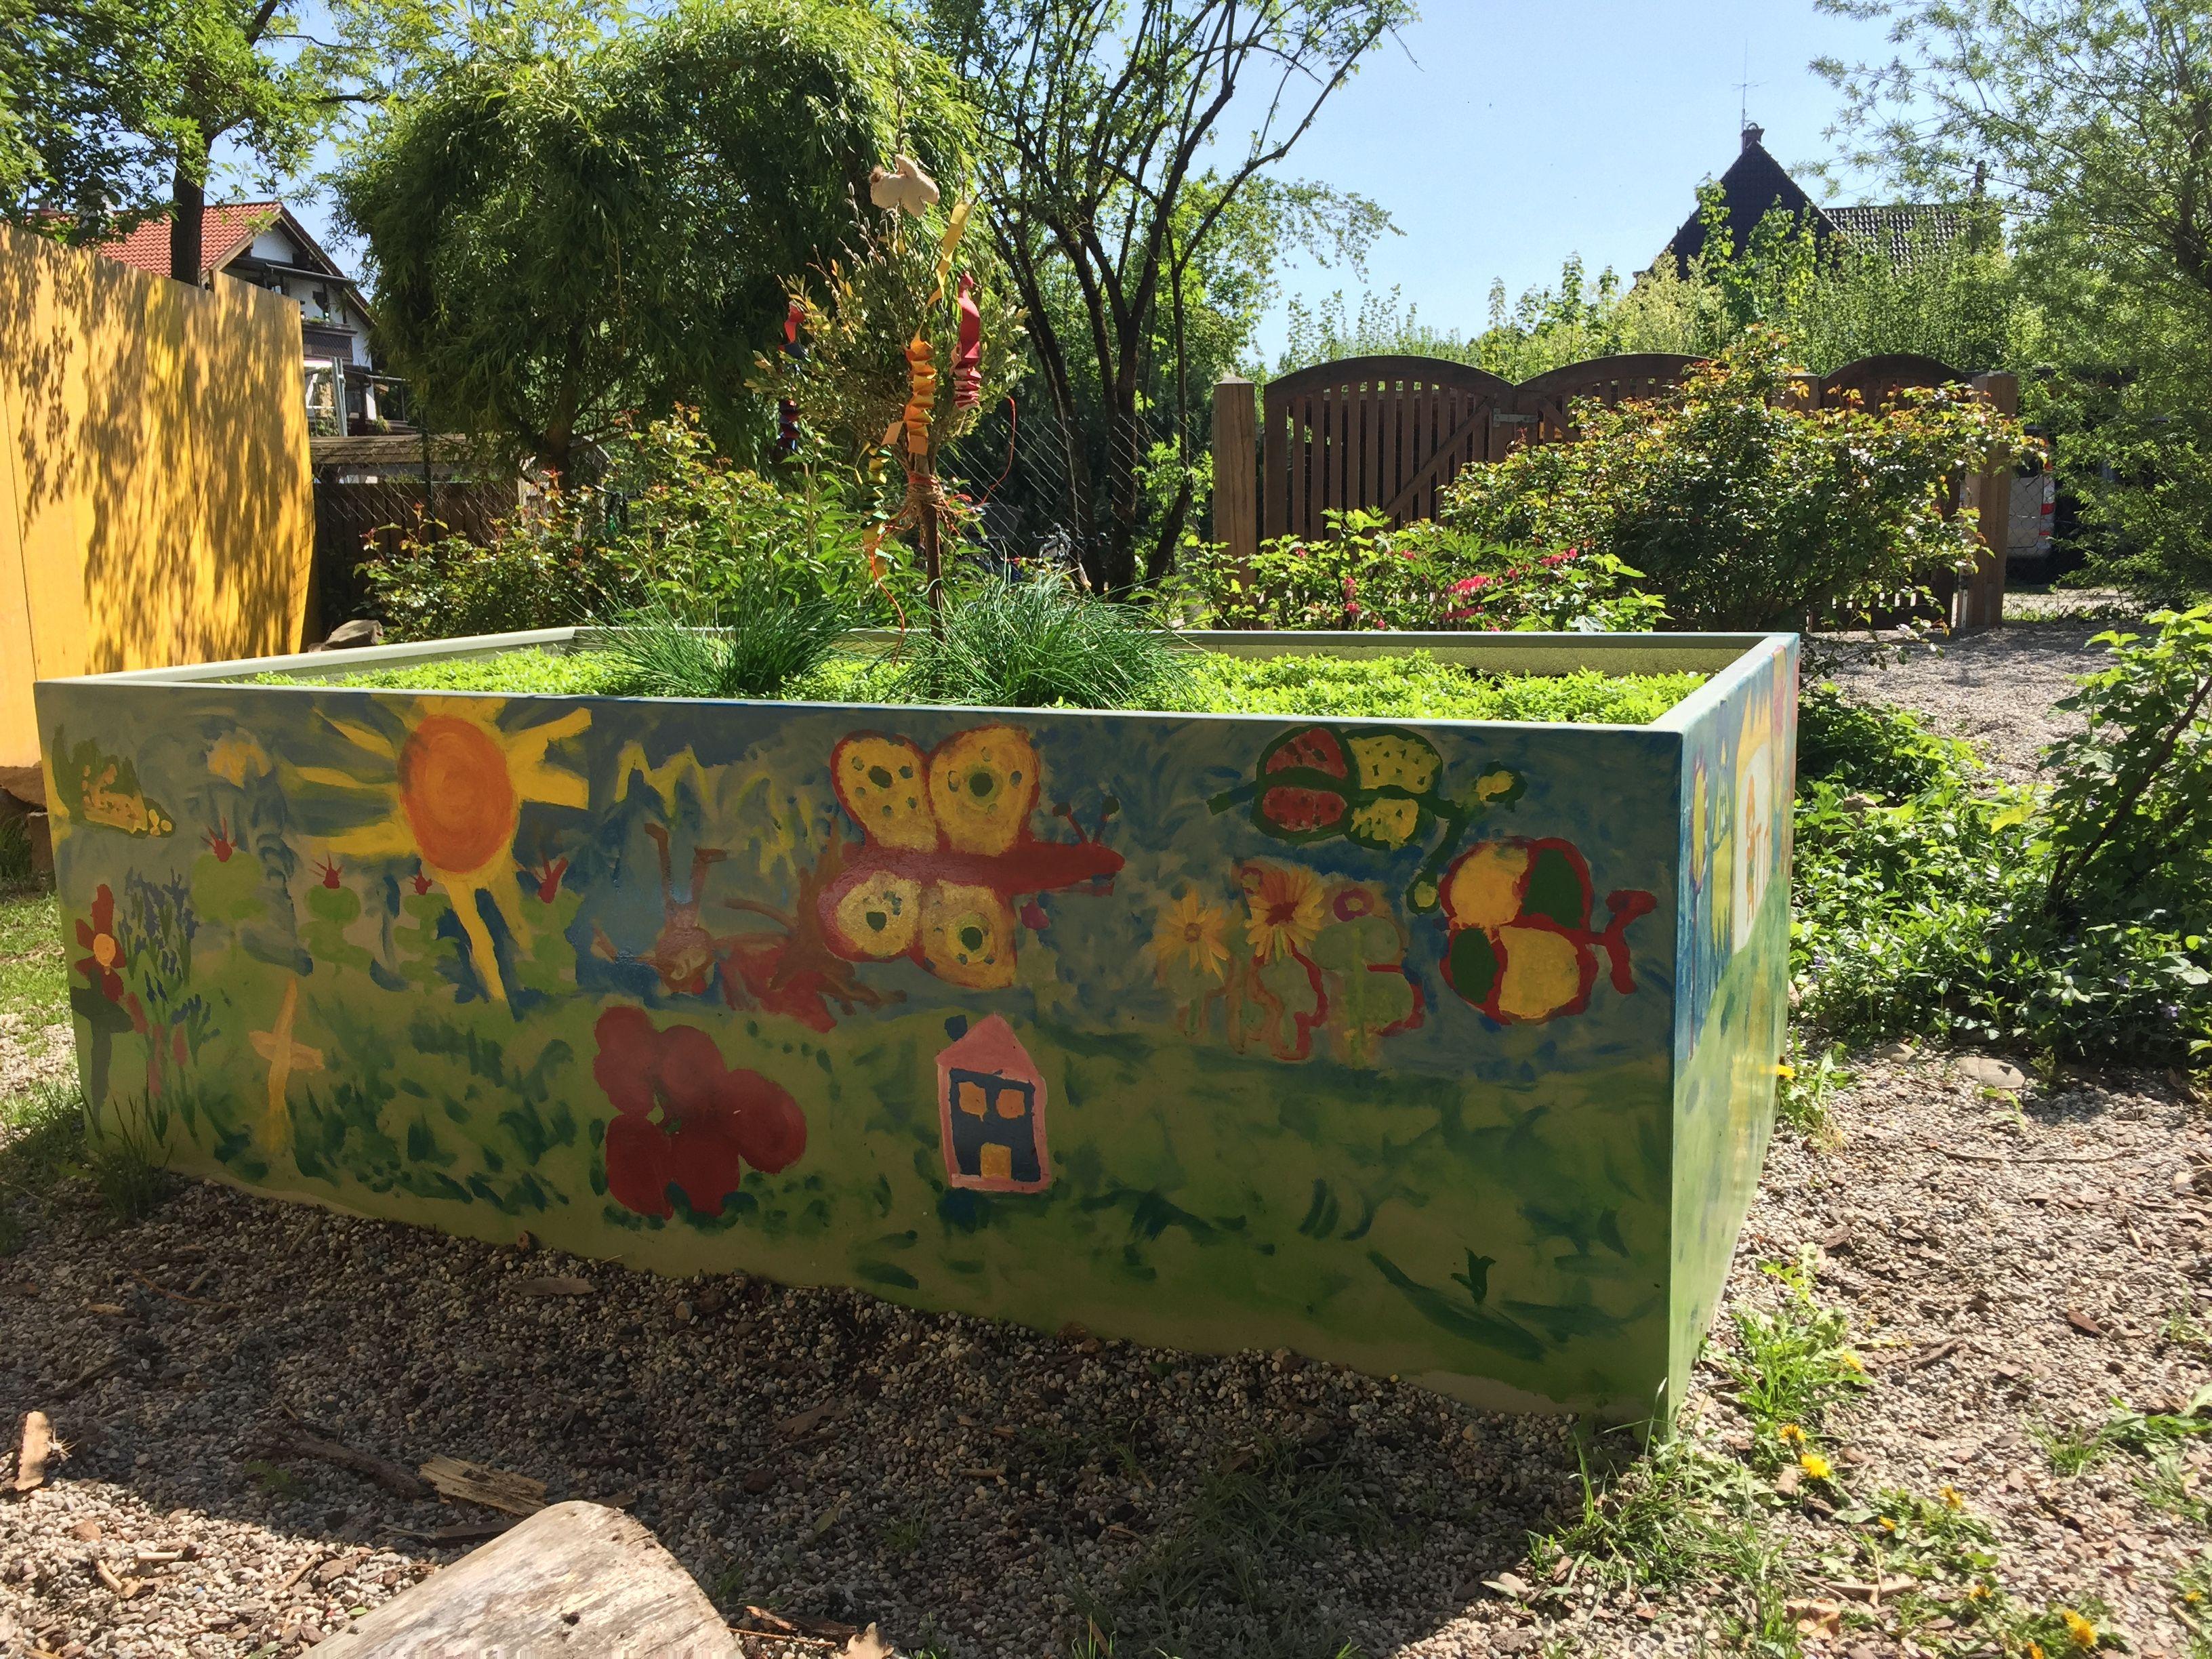 Dieses Tolle Kunstwerk Haben Die Kinder Eines Kindergartens Aus Unserem Gespendetem Hochbeet Gemacht Hochbeet Geschenk Abschied Kindergarten Haus Und Garten